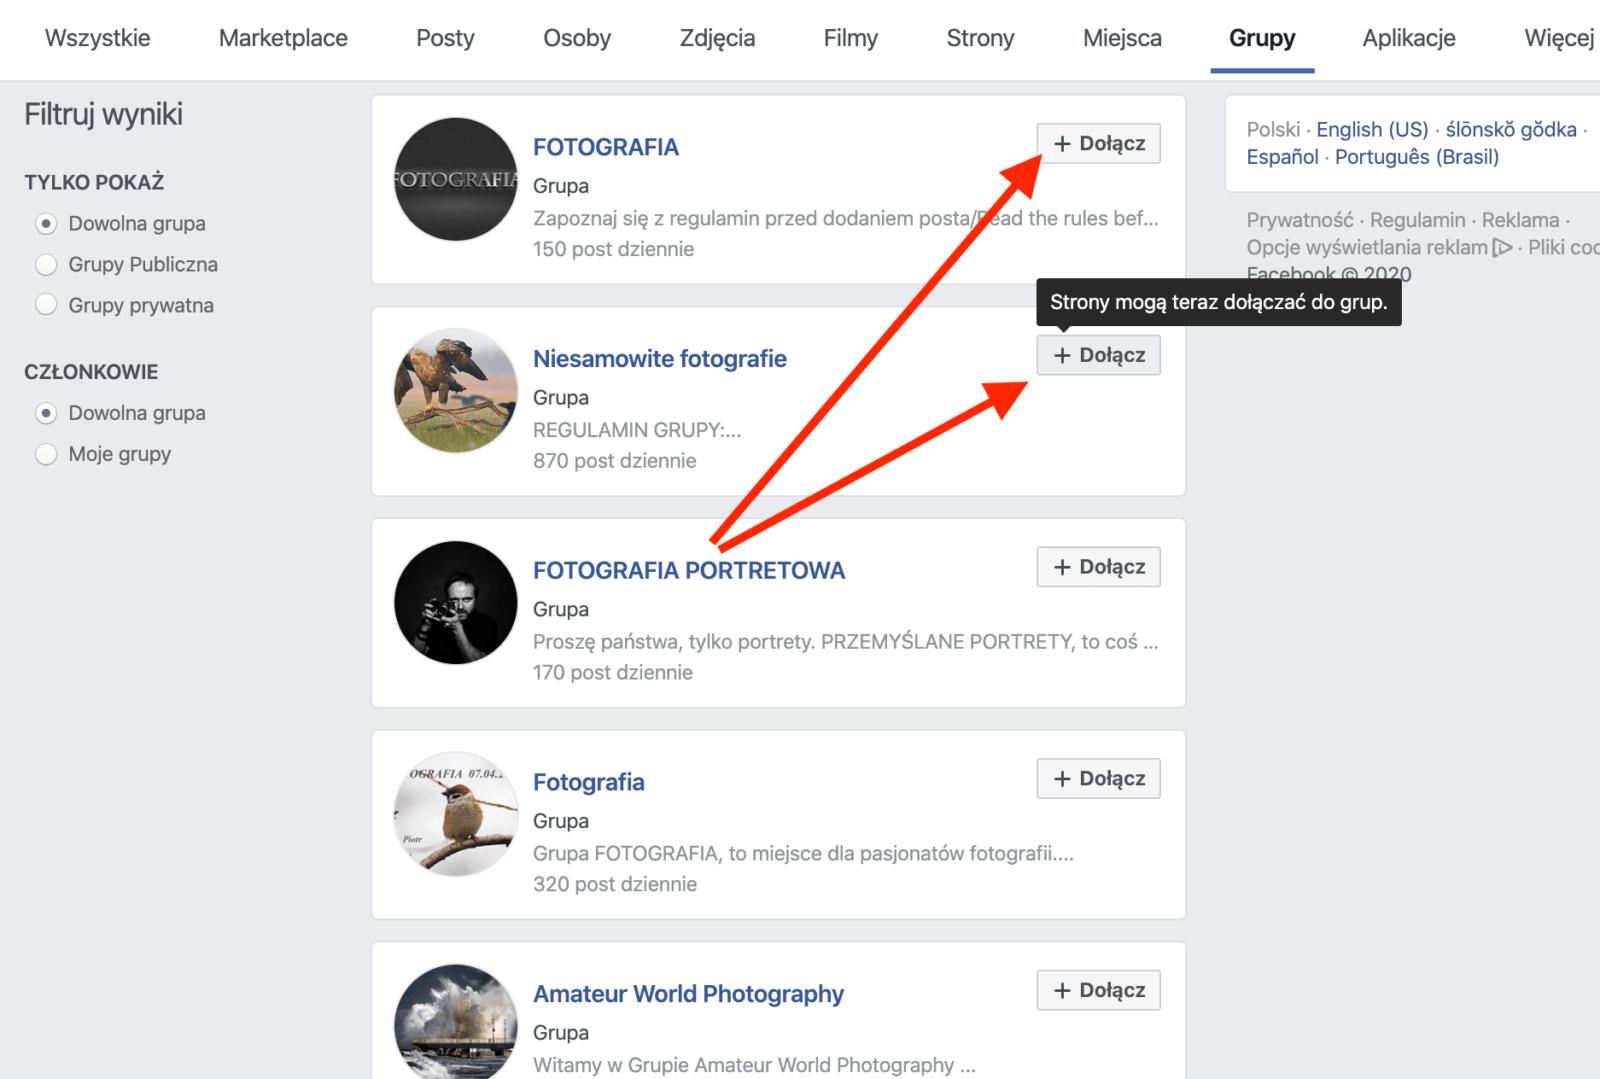 Reklama do grupy na Facebooku - dołączanie do grup 2